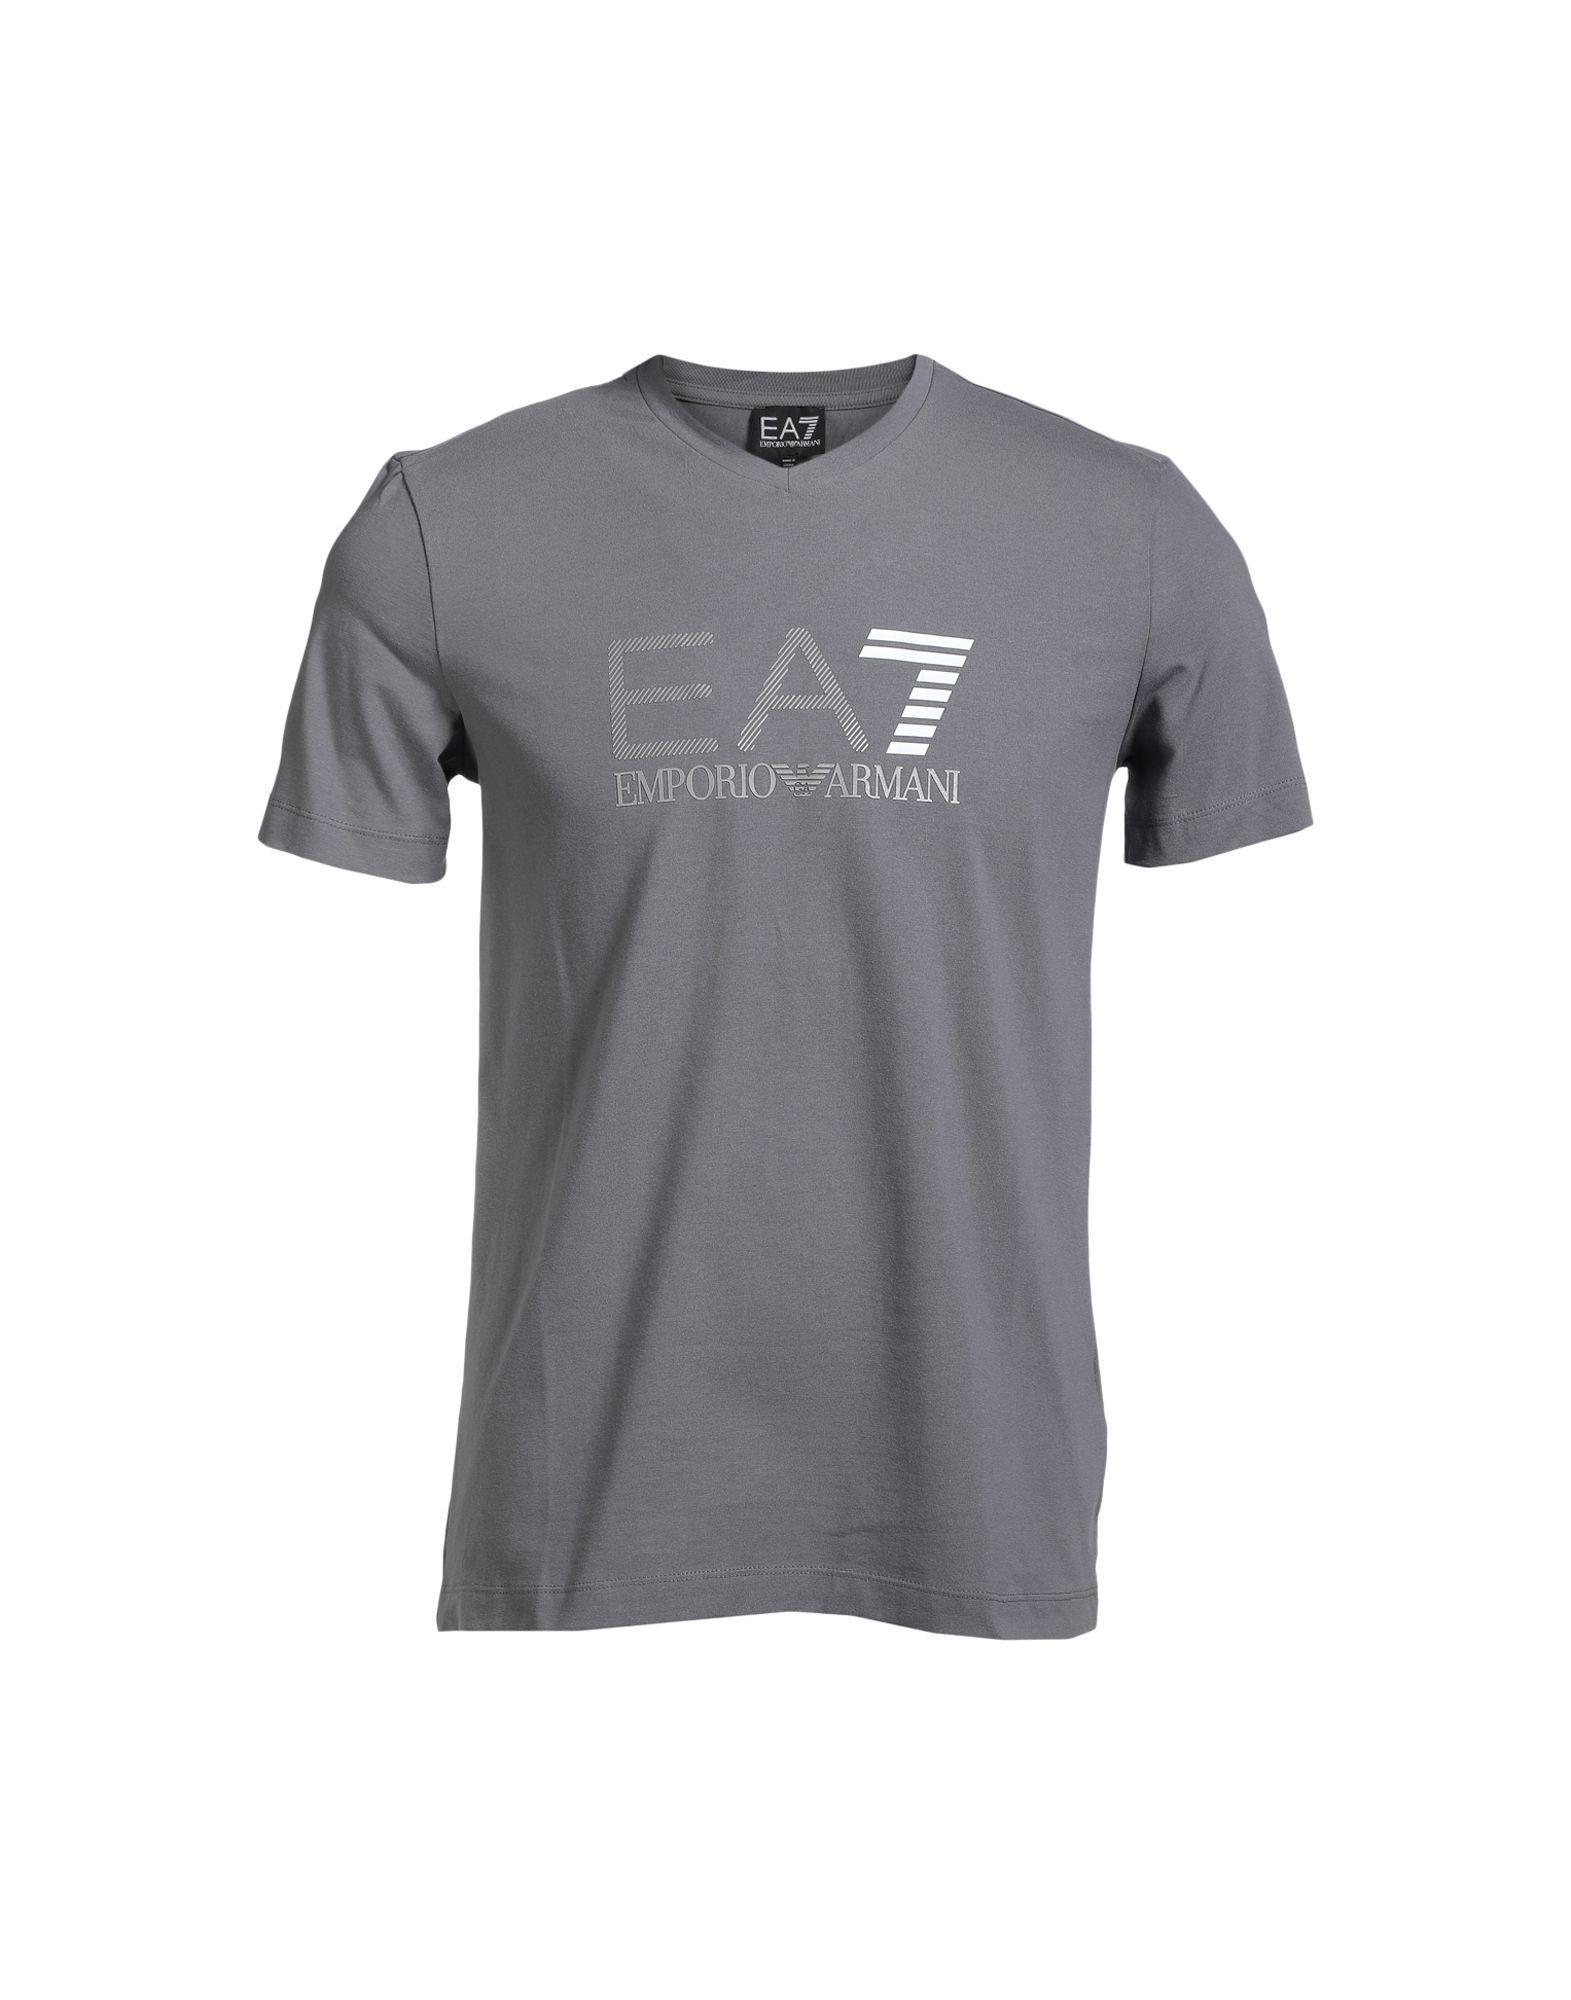 Emporio Armani In Grey